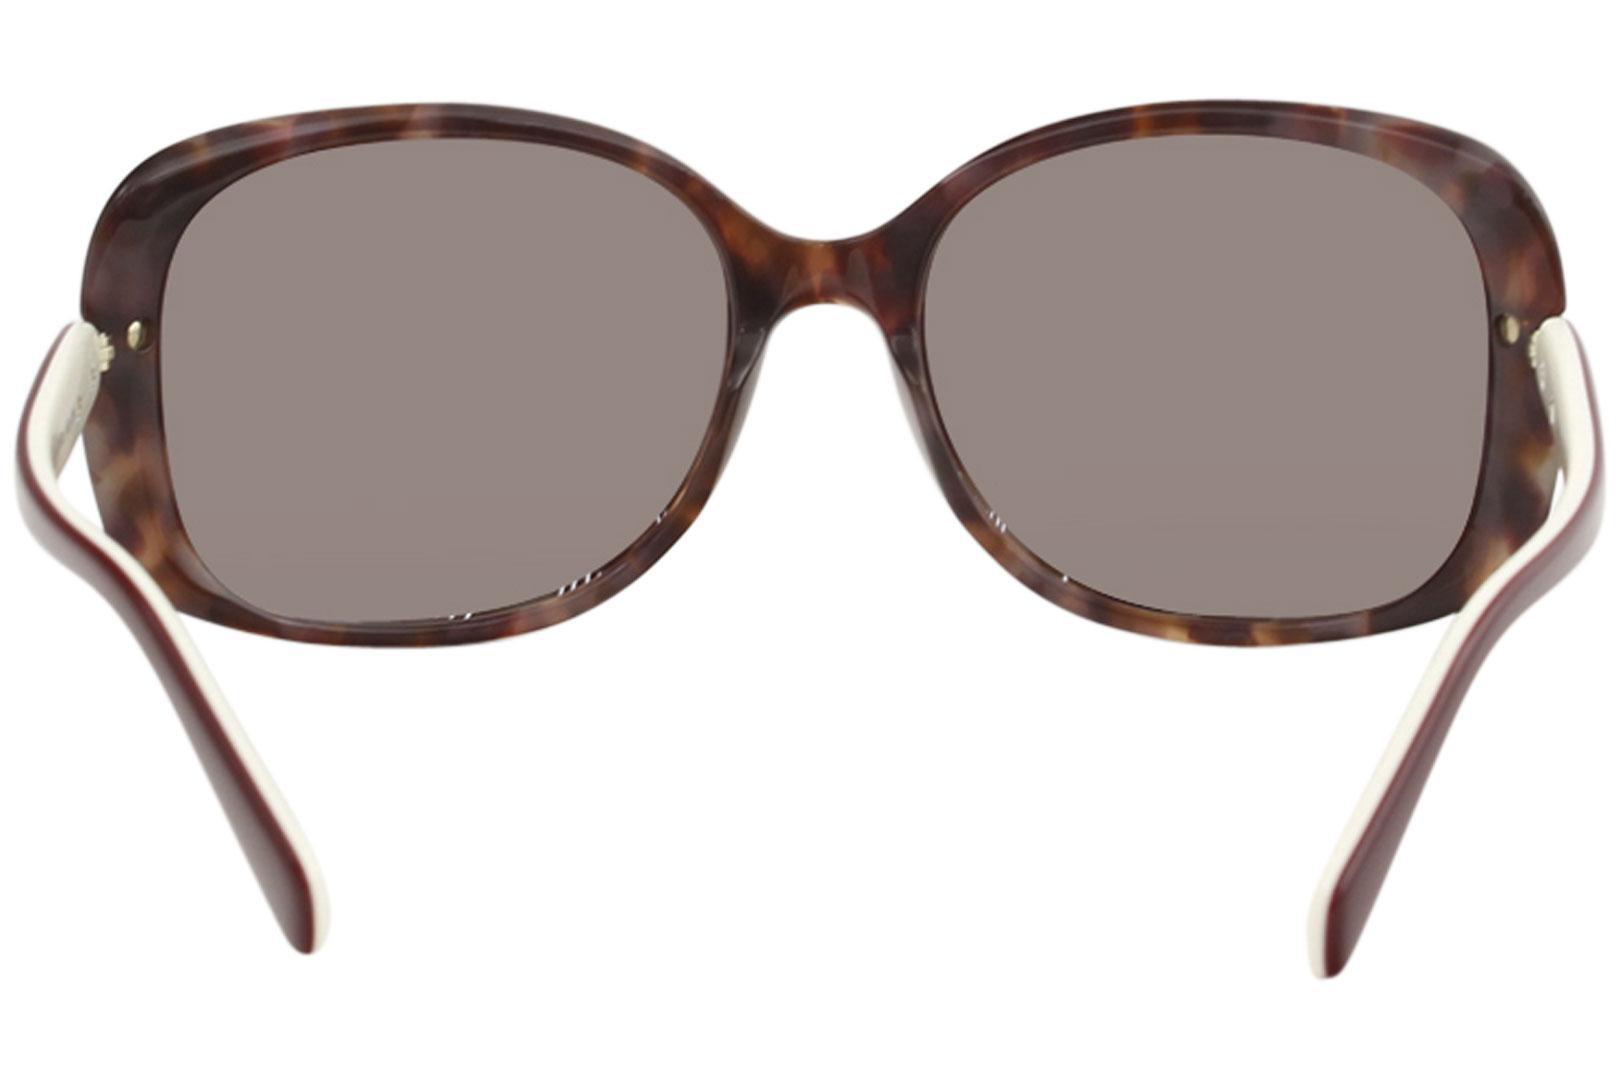 7cc21b5b05070 Prada Women s SPR 08O 08 O Fashion Sunglasses